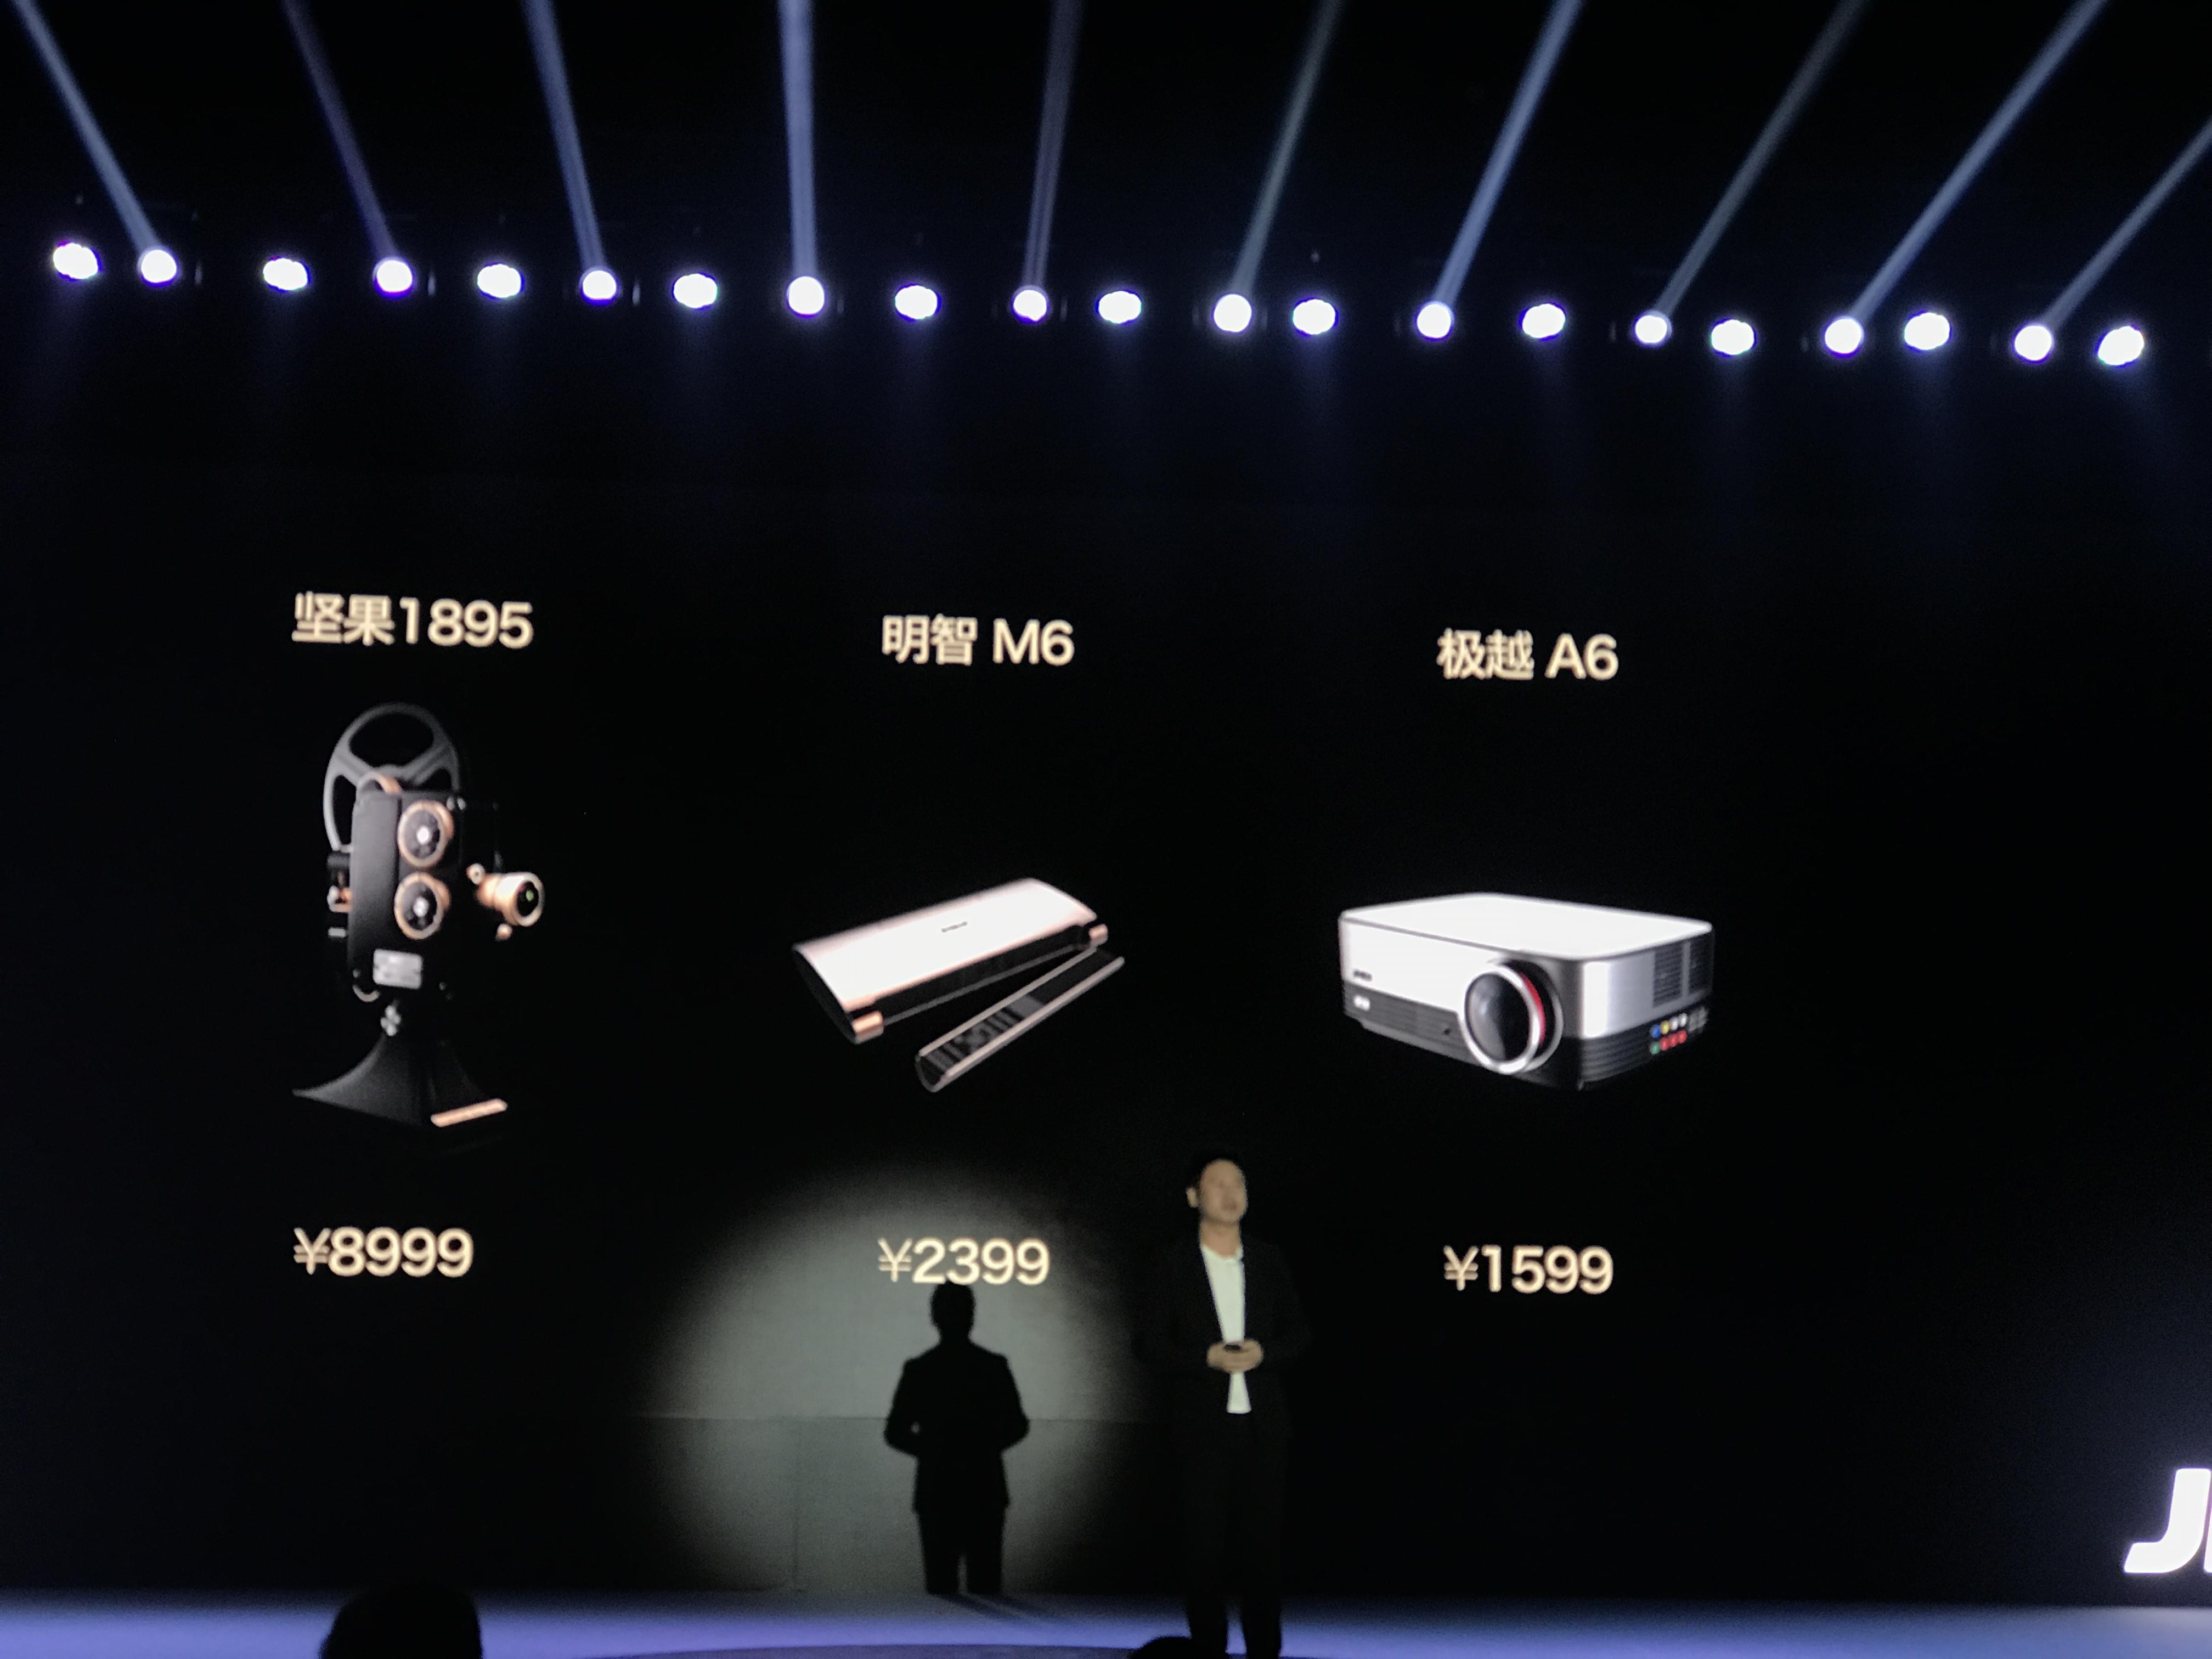 坚果智能发布三款投影新品 售价1599元起